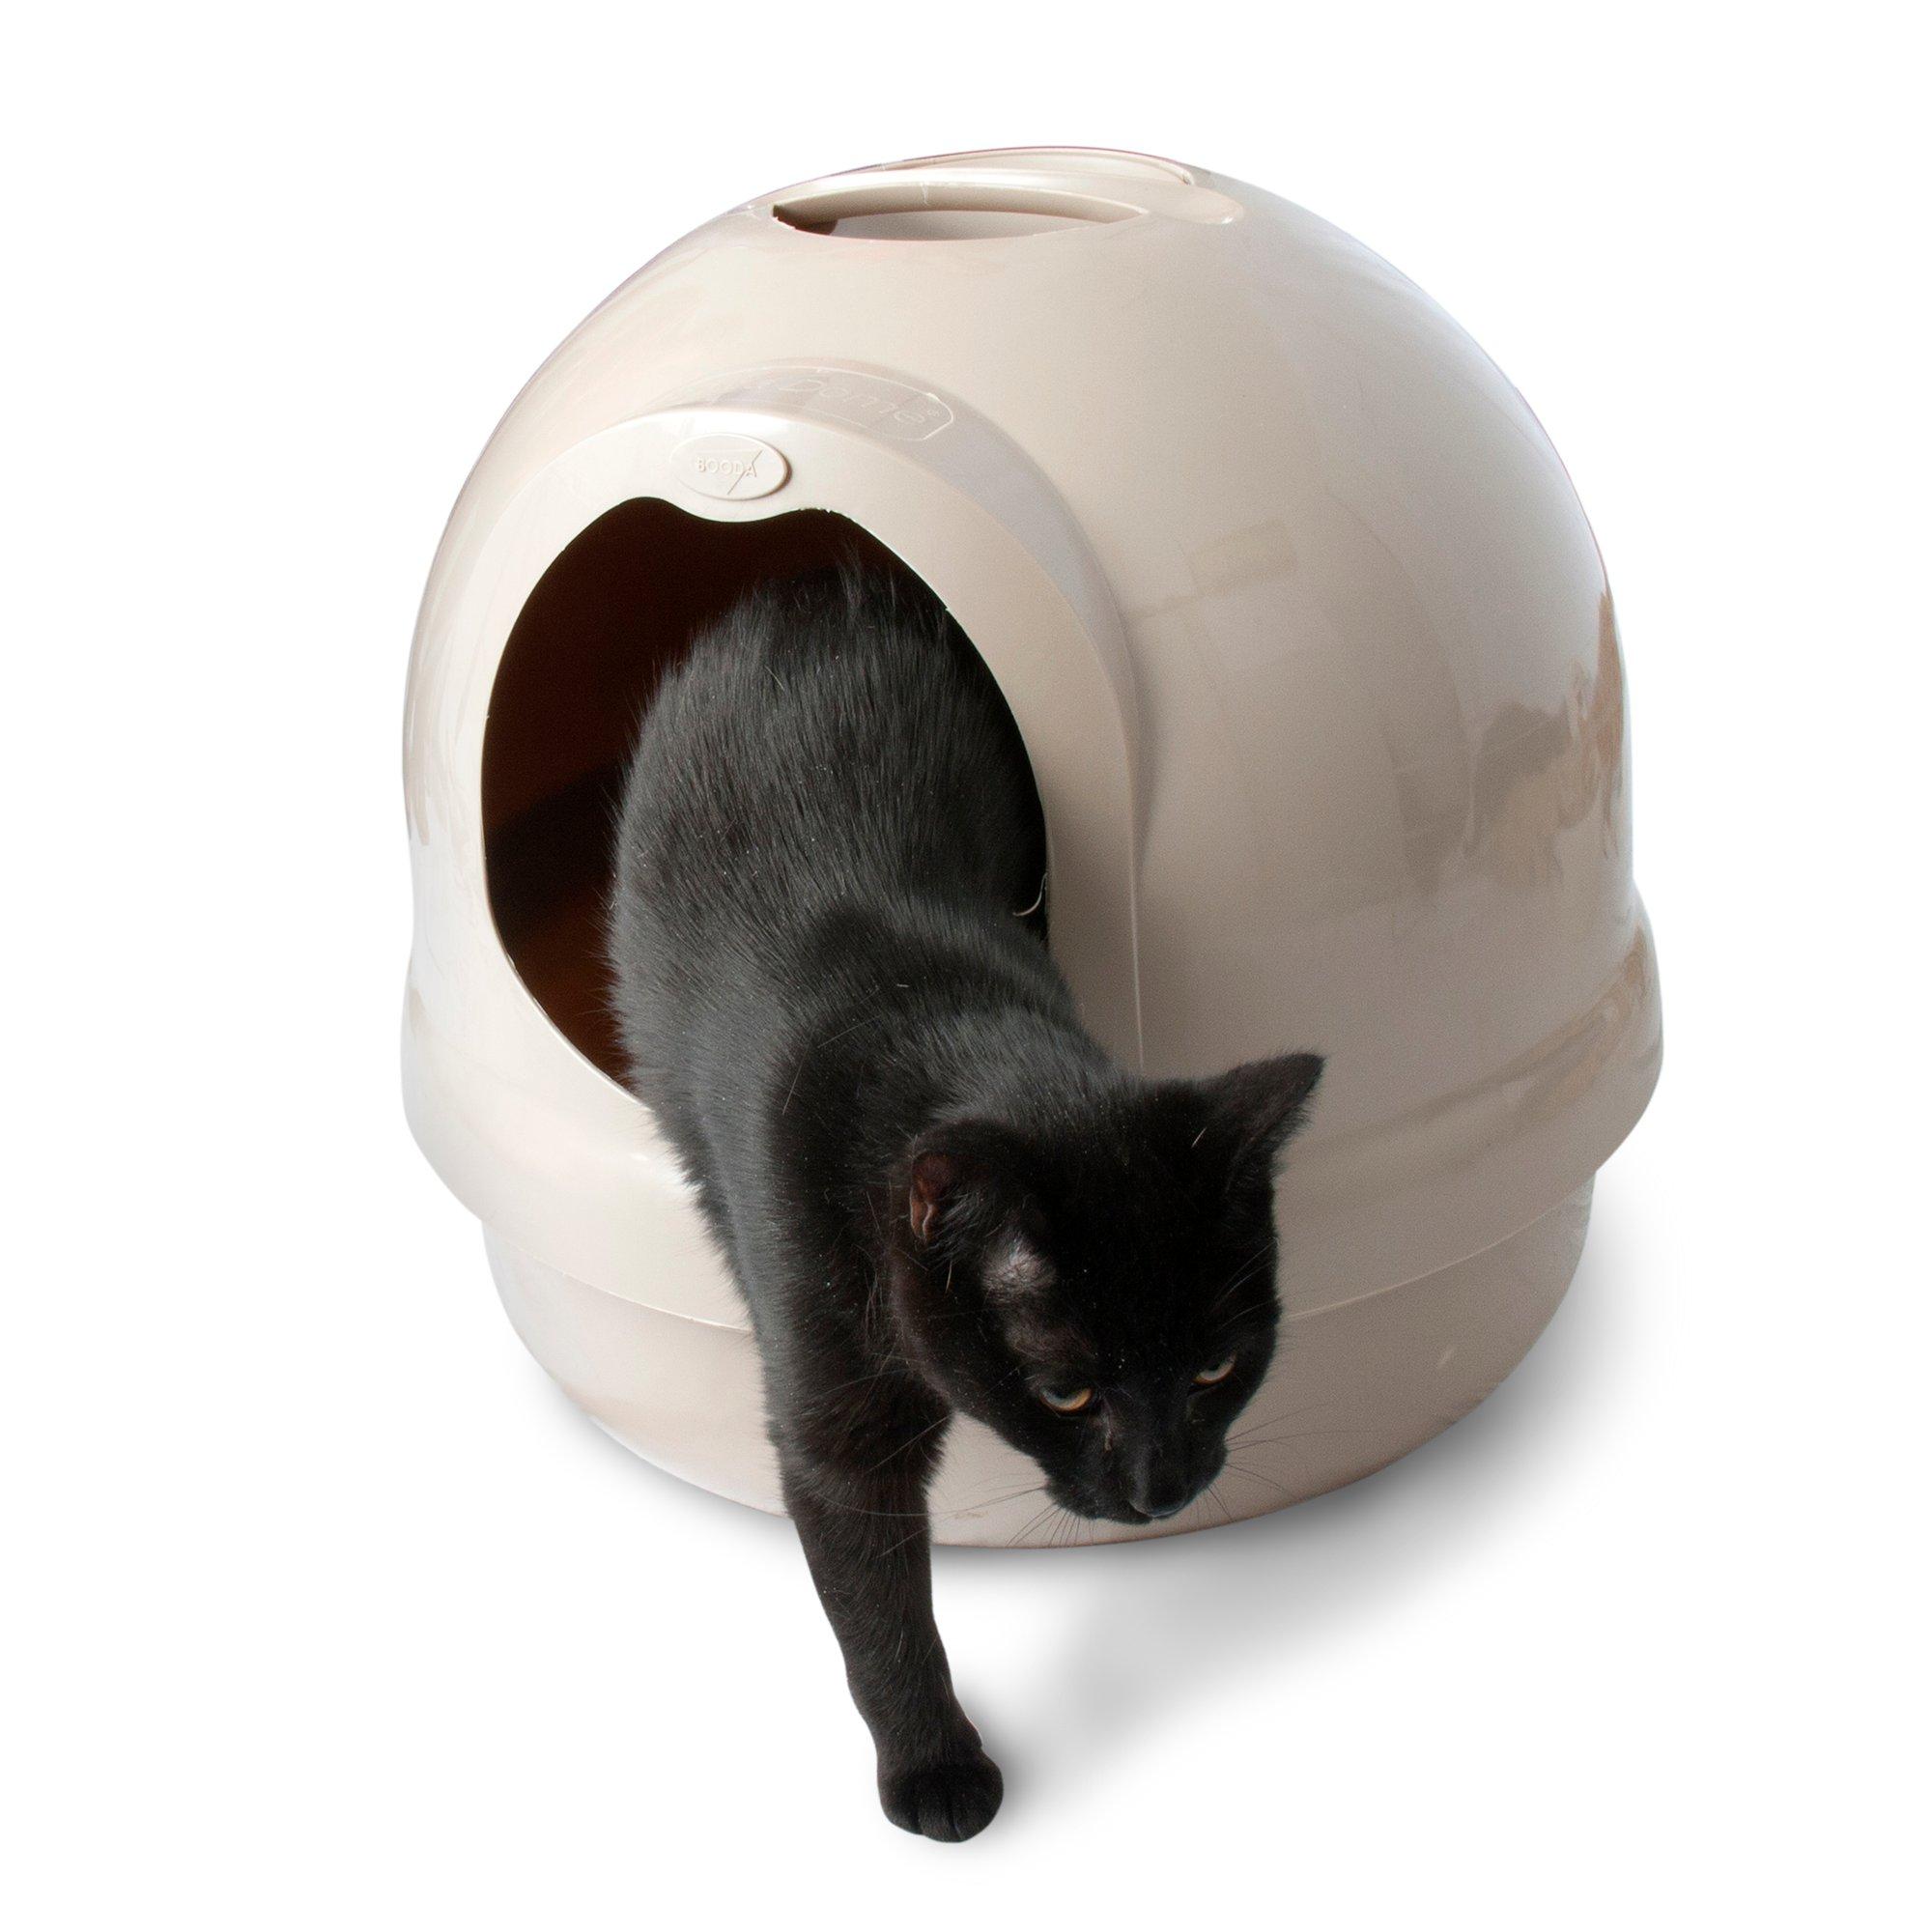 Booda Dome Covered Litter Box in Titanium Petco